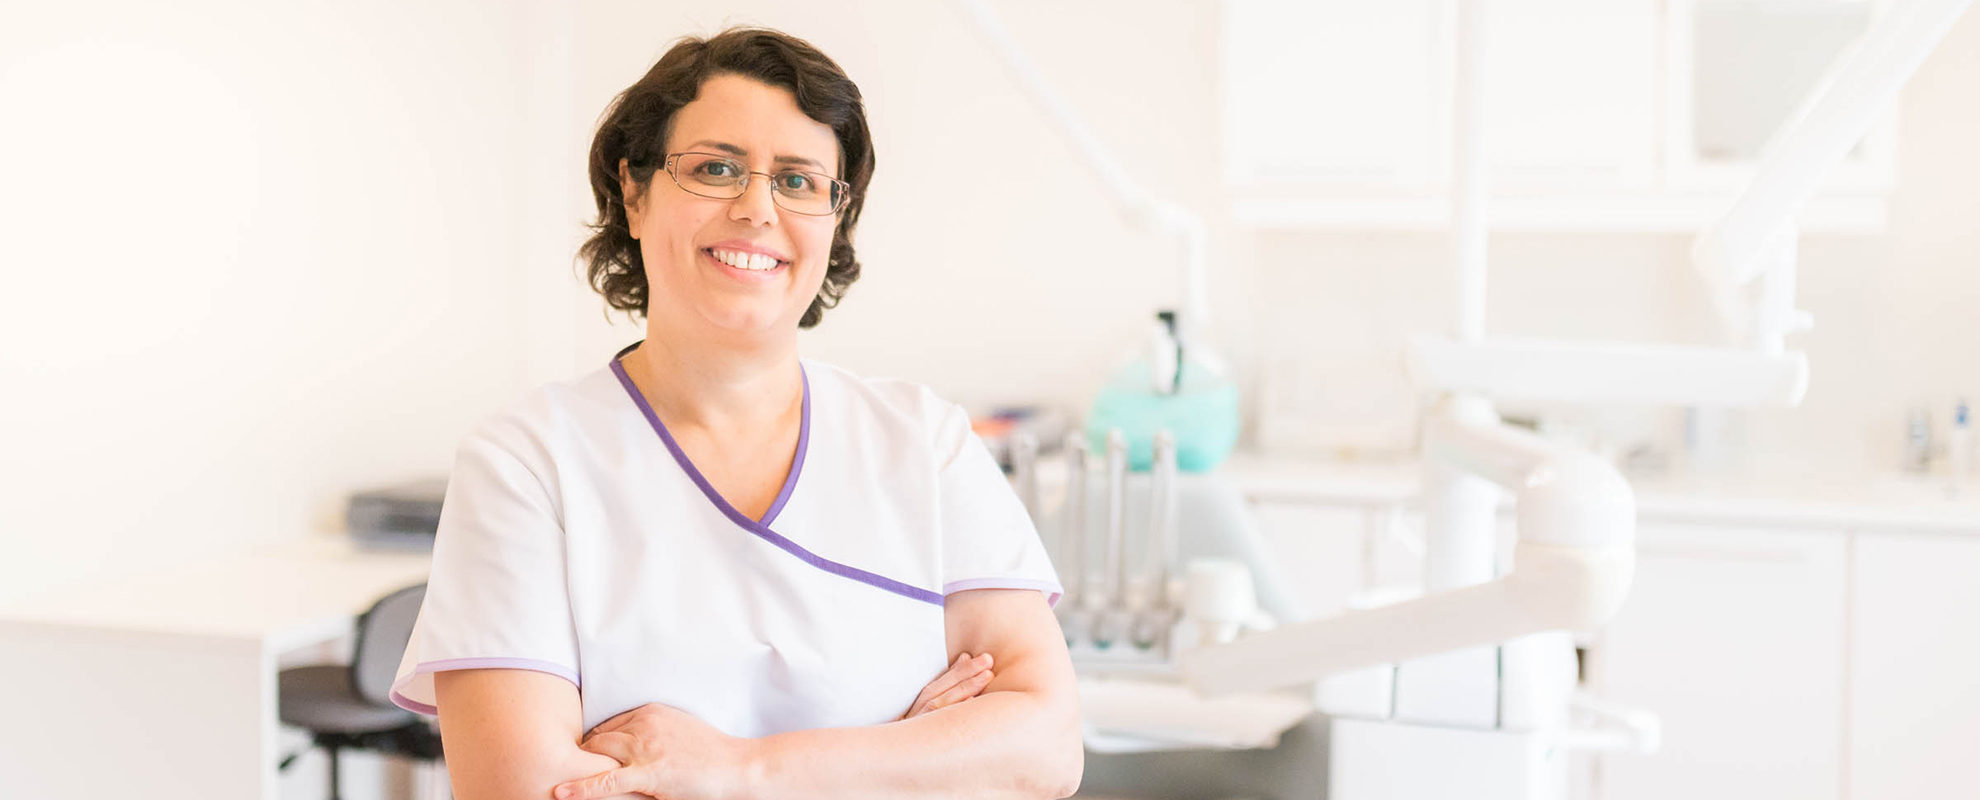 Tannlege Rana stående foran tannlegestol inne på kontoret.